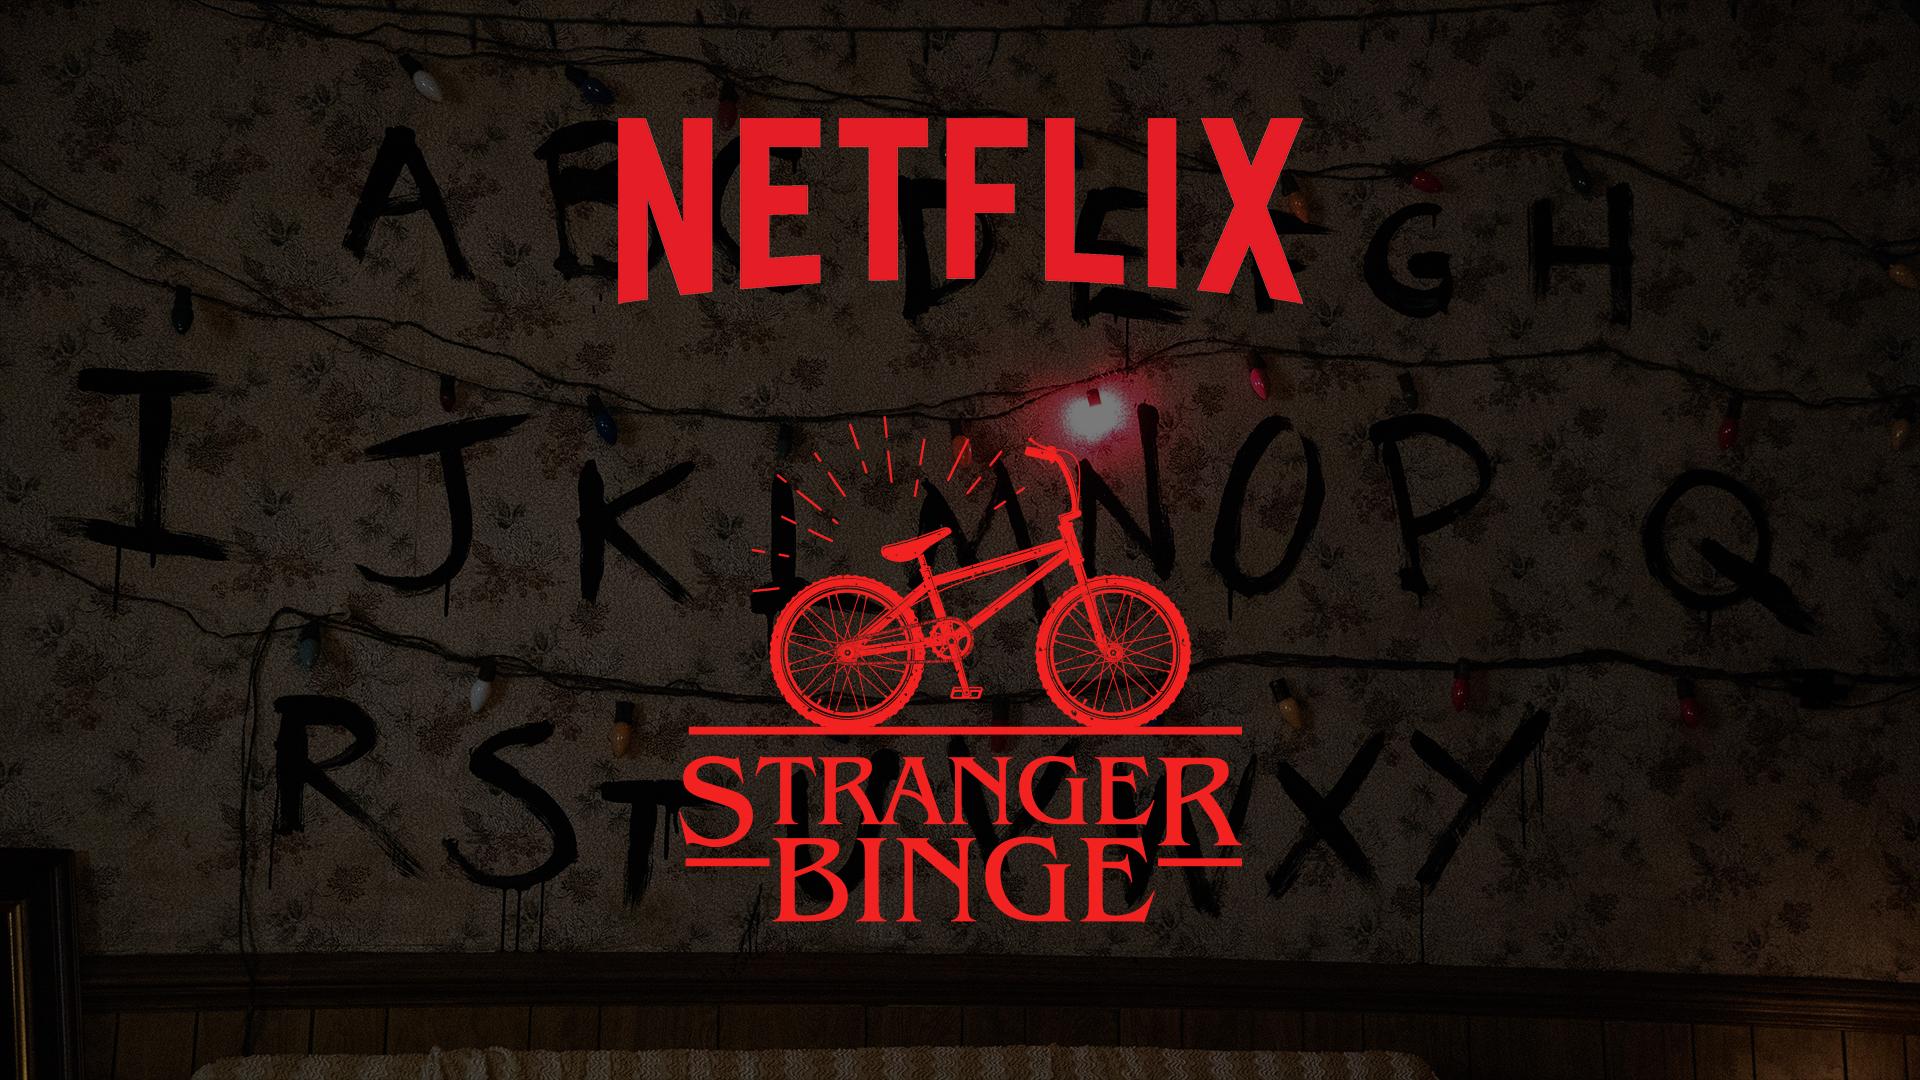 Stranger Binge